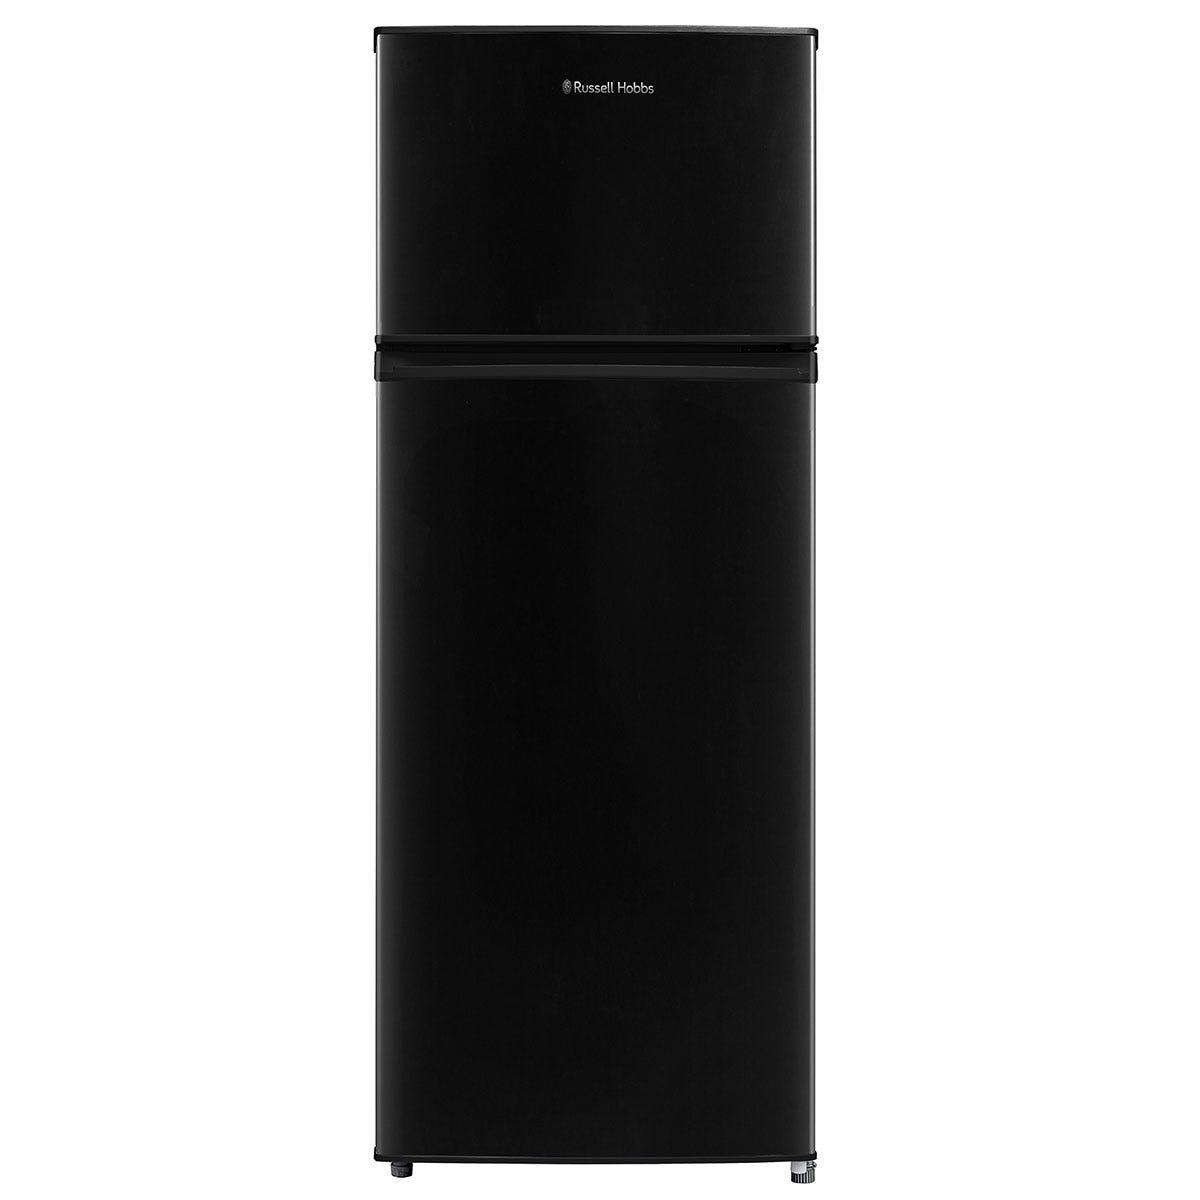 Russell Hobbs RH55TMFF143 204L Fridge Freezer - Black